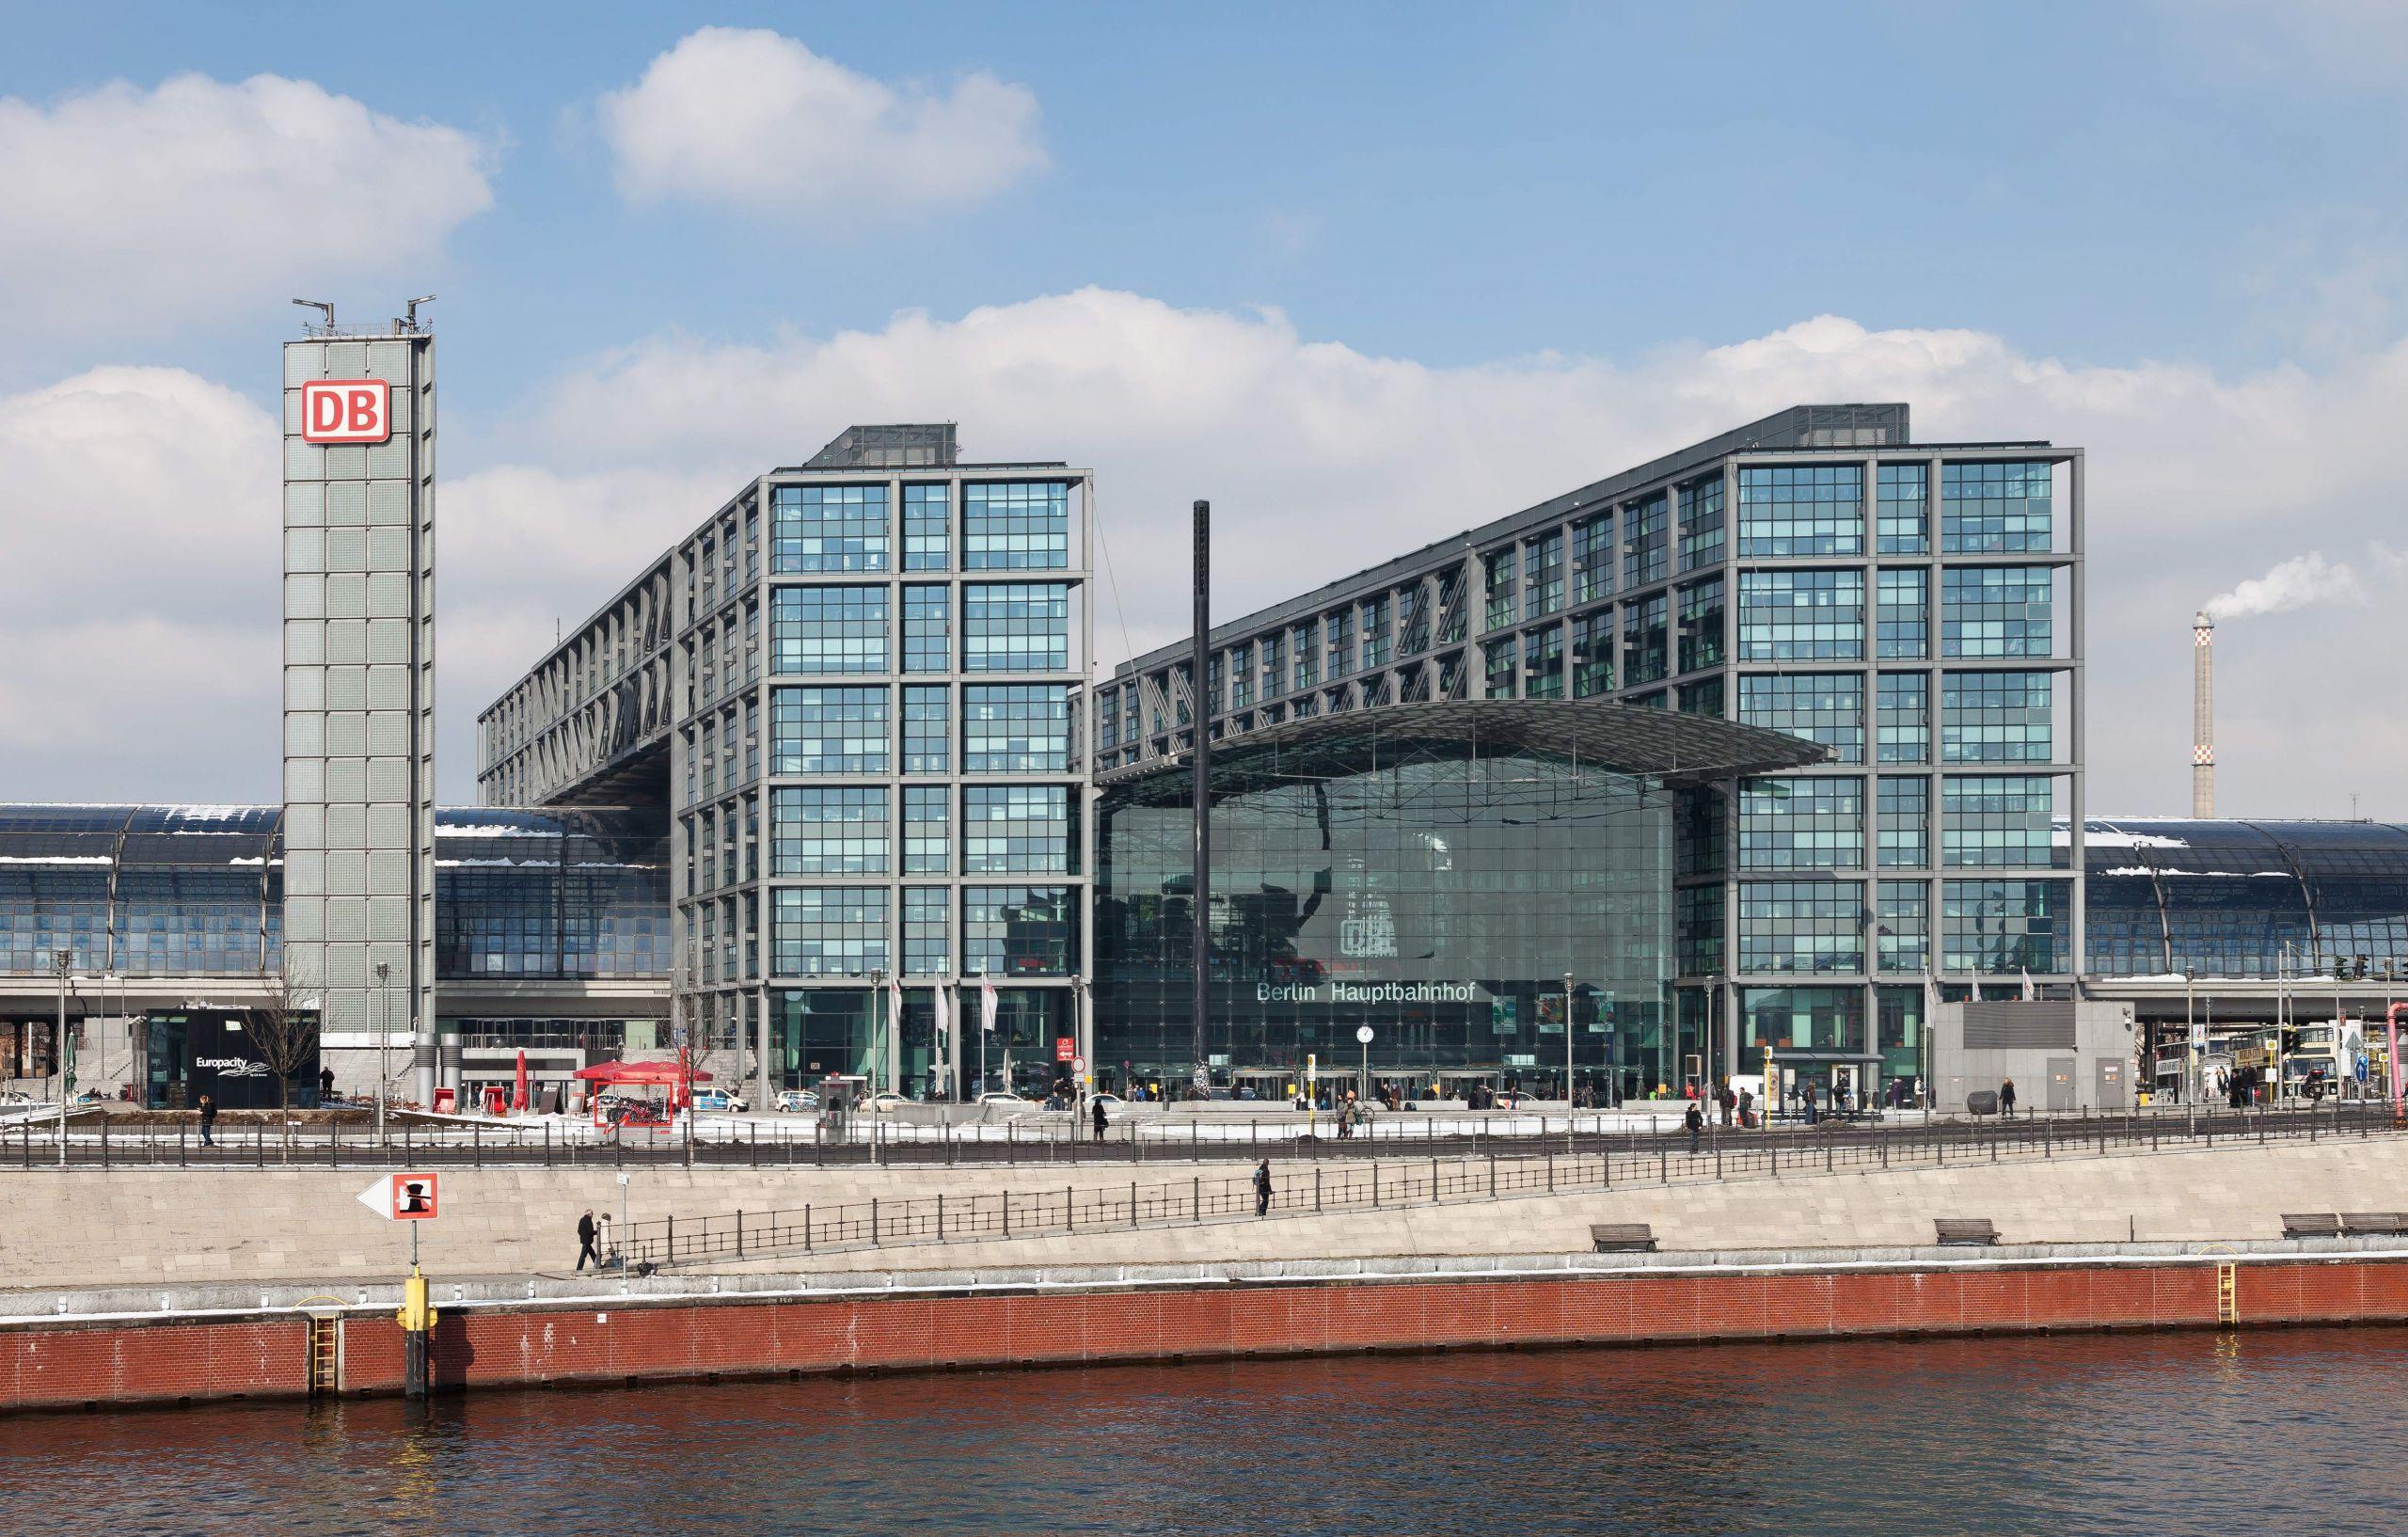 Apotheke Zoologischer Garten Elegant Berlin Hauptbahnhof – Reiseführer Auf Wikivoyage